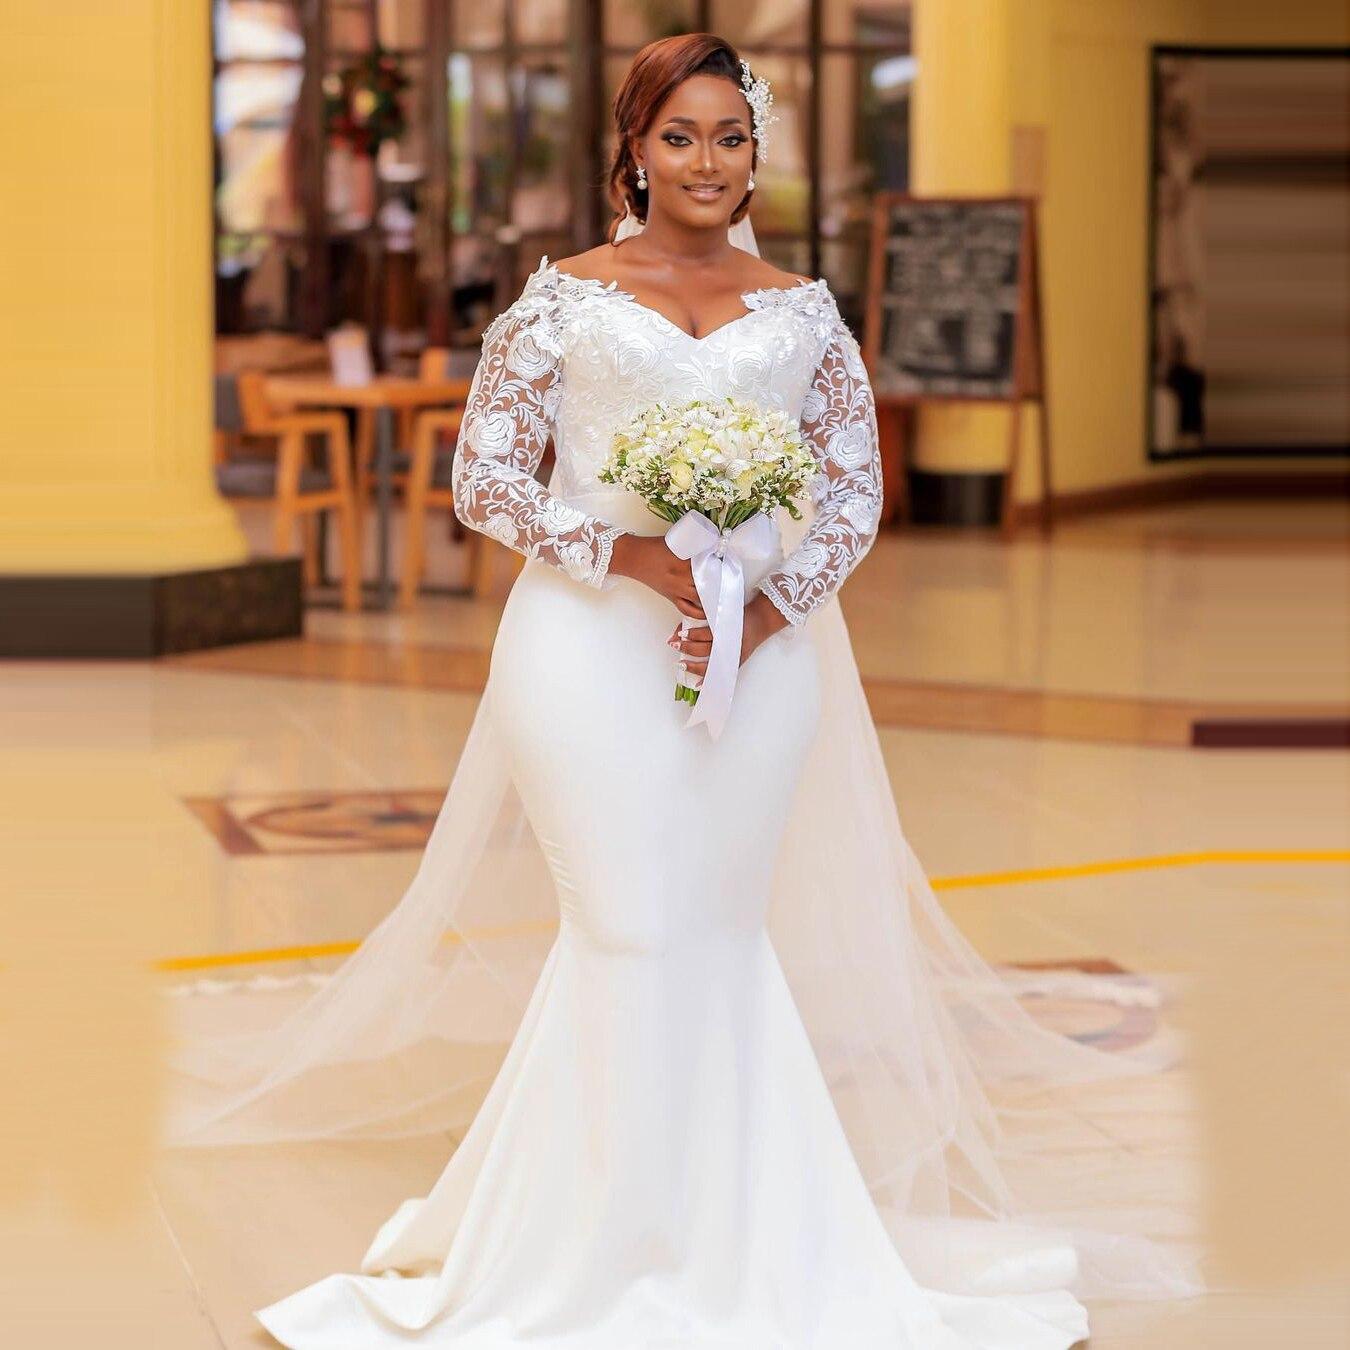 فساتين زفاف مقاس كبير من Aso Ebi برقبة على شكل V وأكمام طويلة على طراز Mermais للنساء من الدانتيل فساتين زفاف مصنوعة حسب الطلب 2021